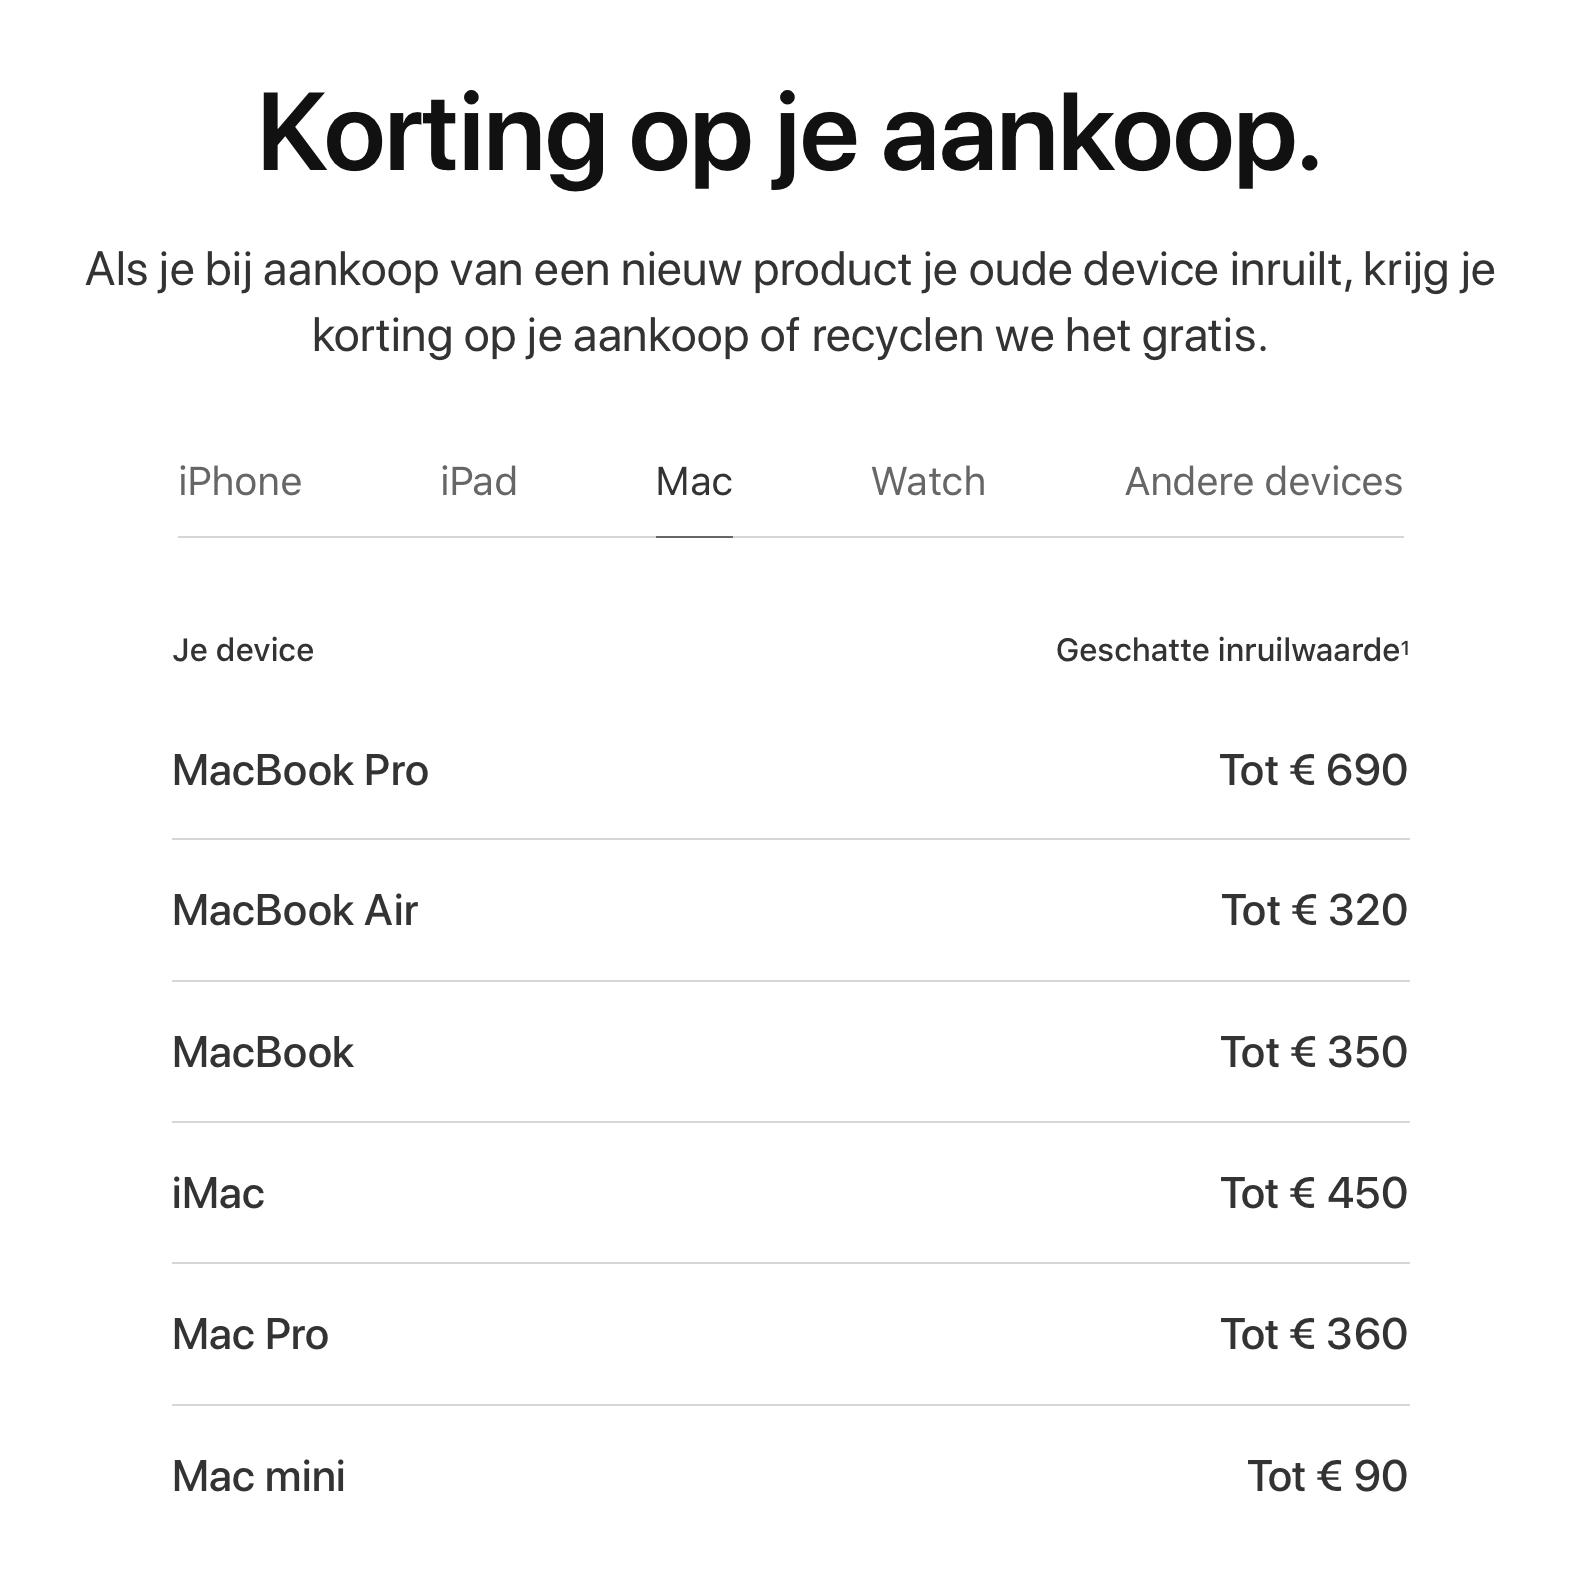 https://www.macfreak.nl/modules/news/images/zArt.AppleTradeInNieuwePrijzen.png